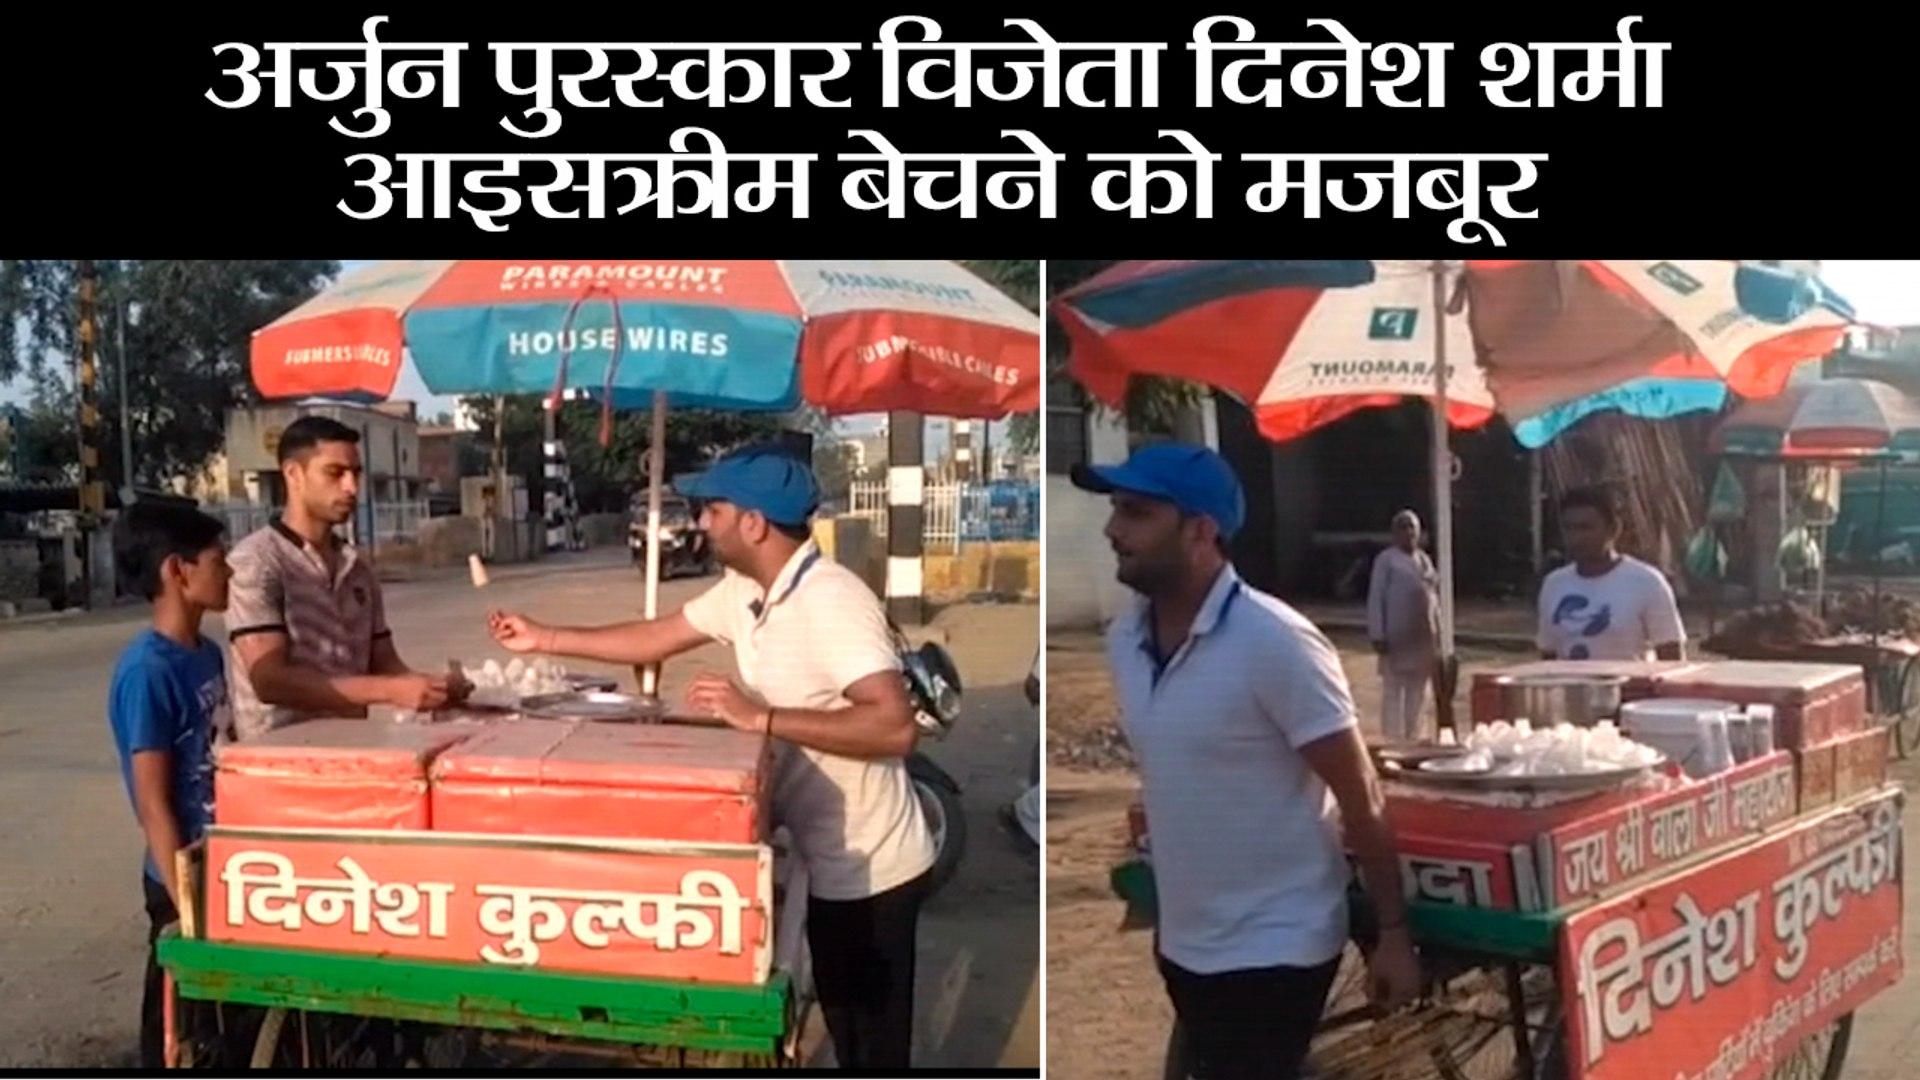 अर्जुन पुरस्कार विजेता दिनेश शर्मा आइसक्रीम बेचने को मजबूर II  International boxerDinesh KumarArju